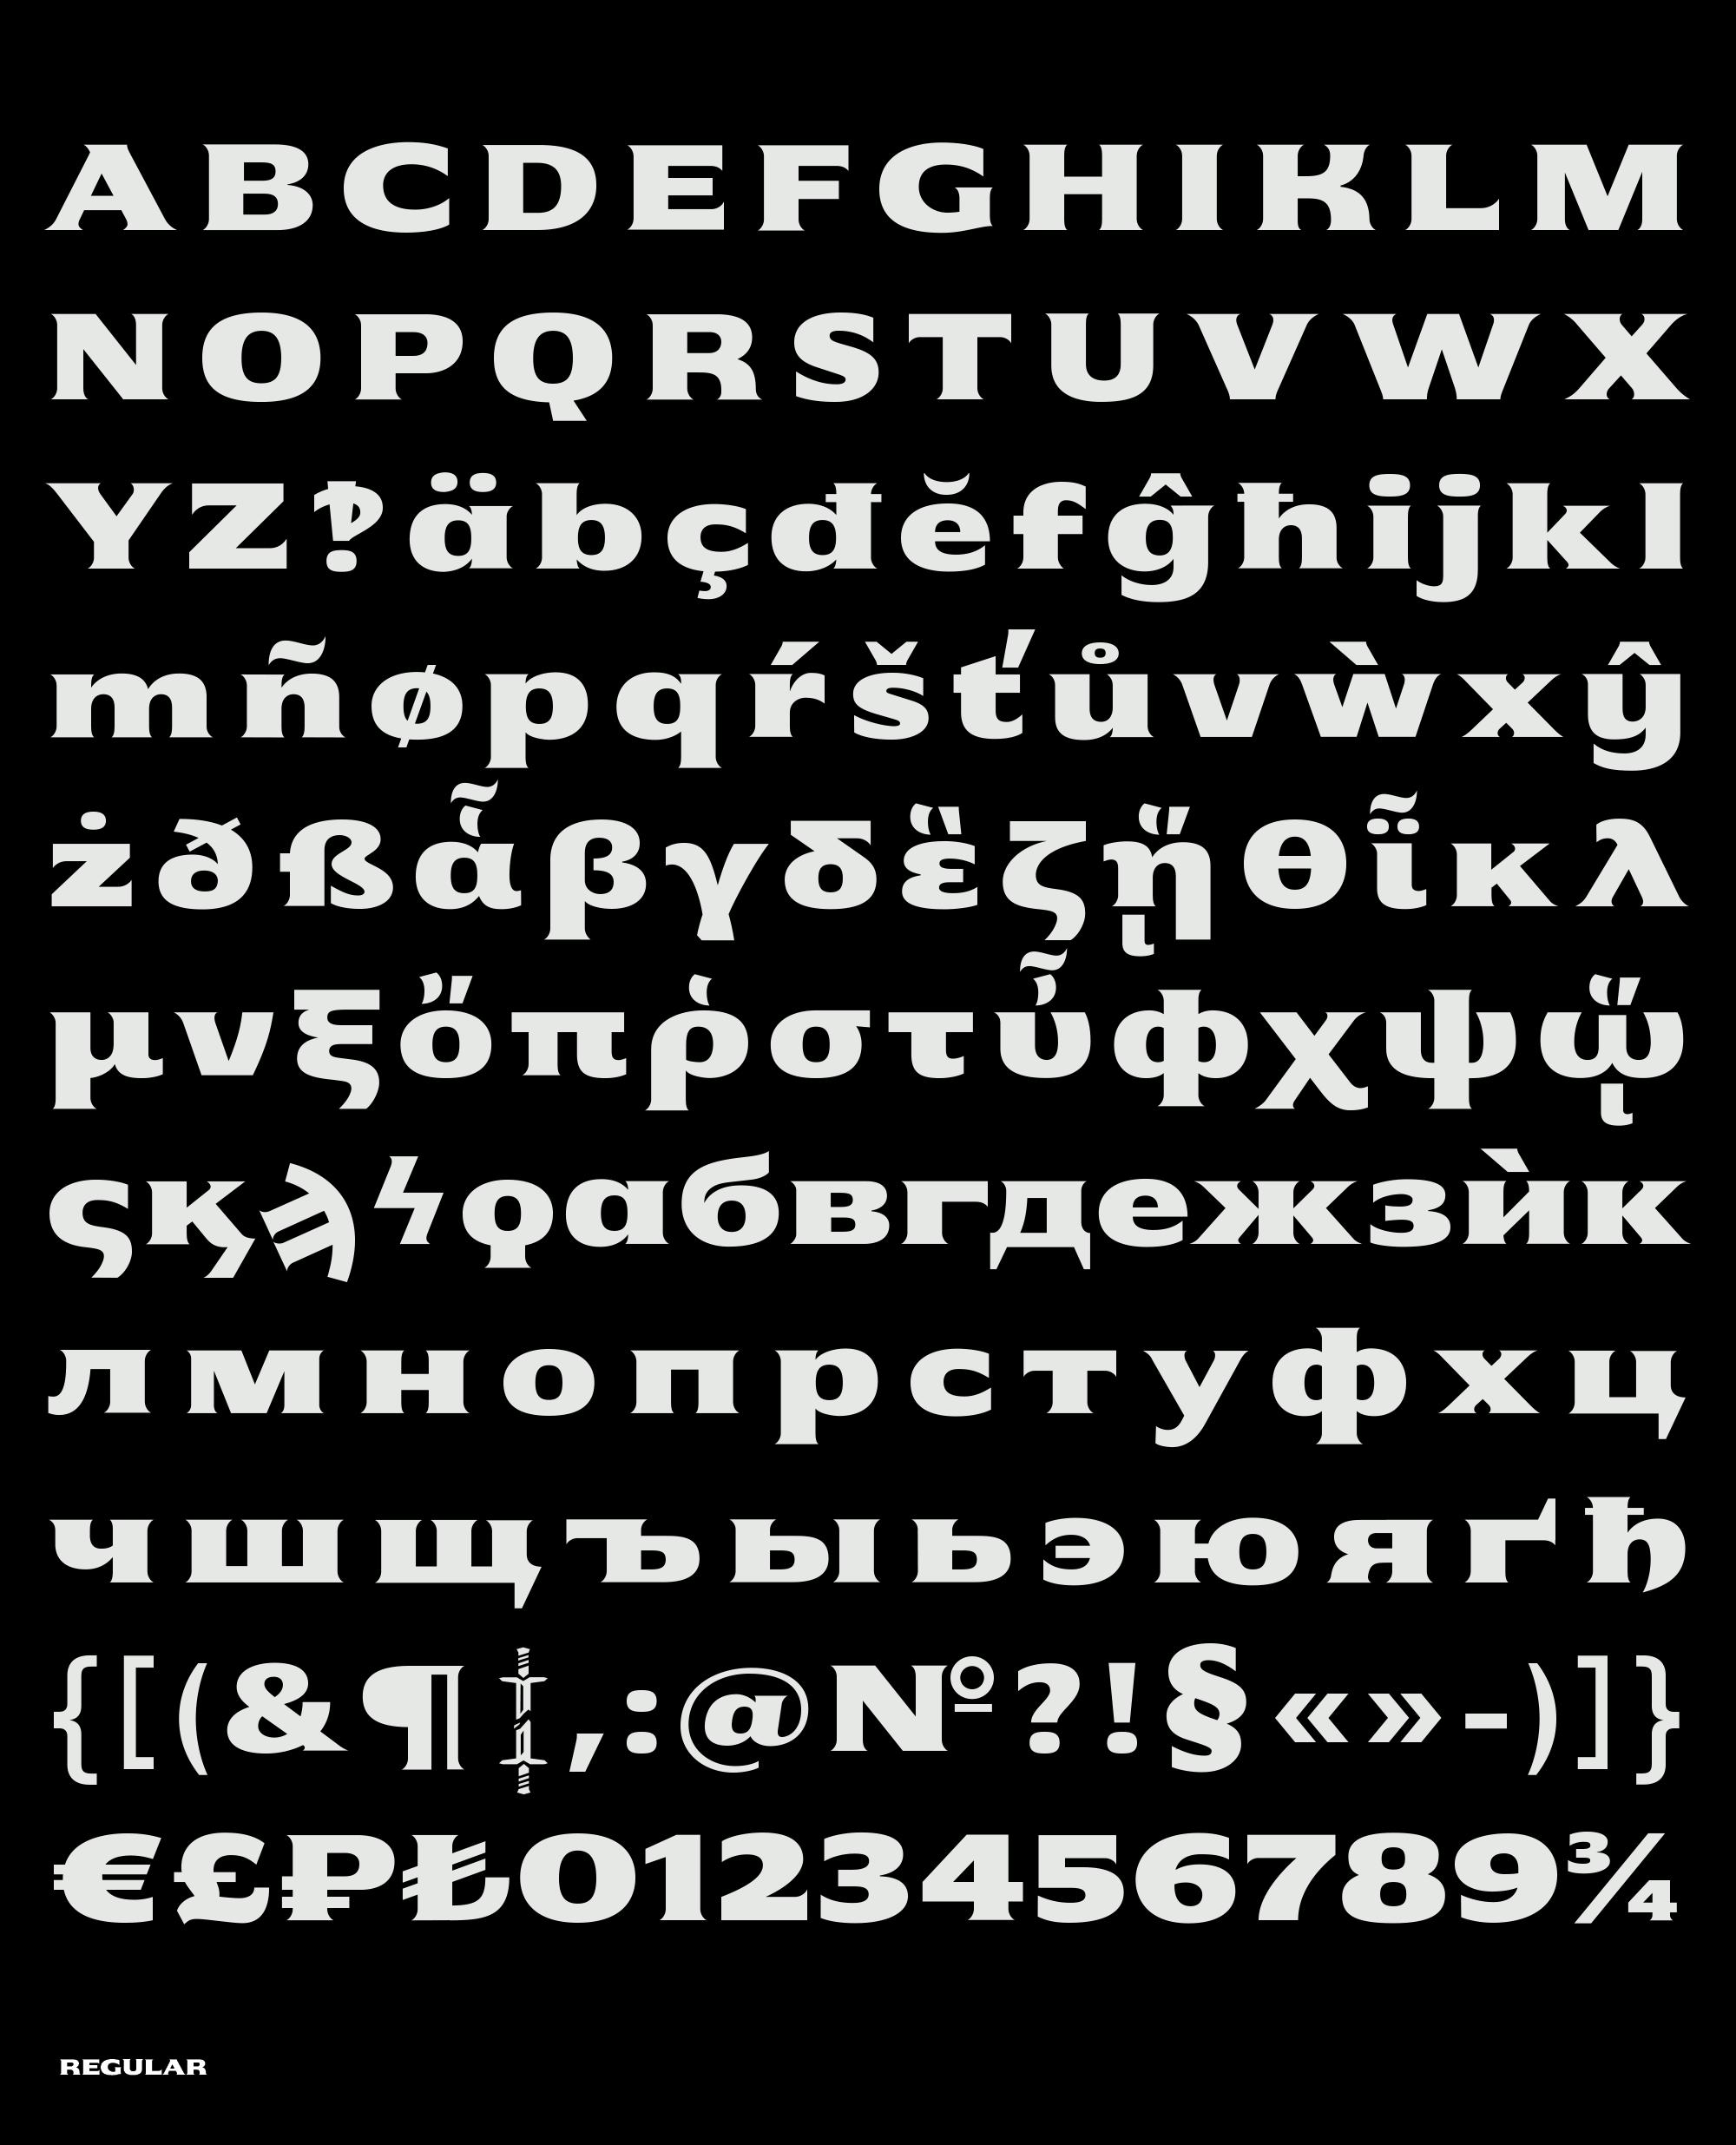 Alphabet regular